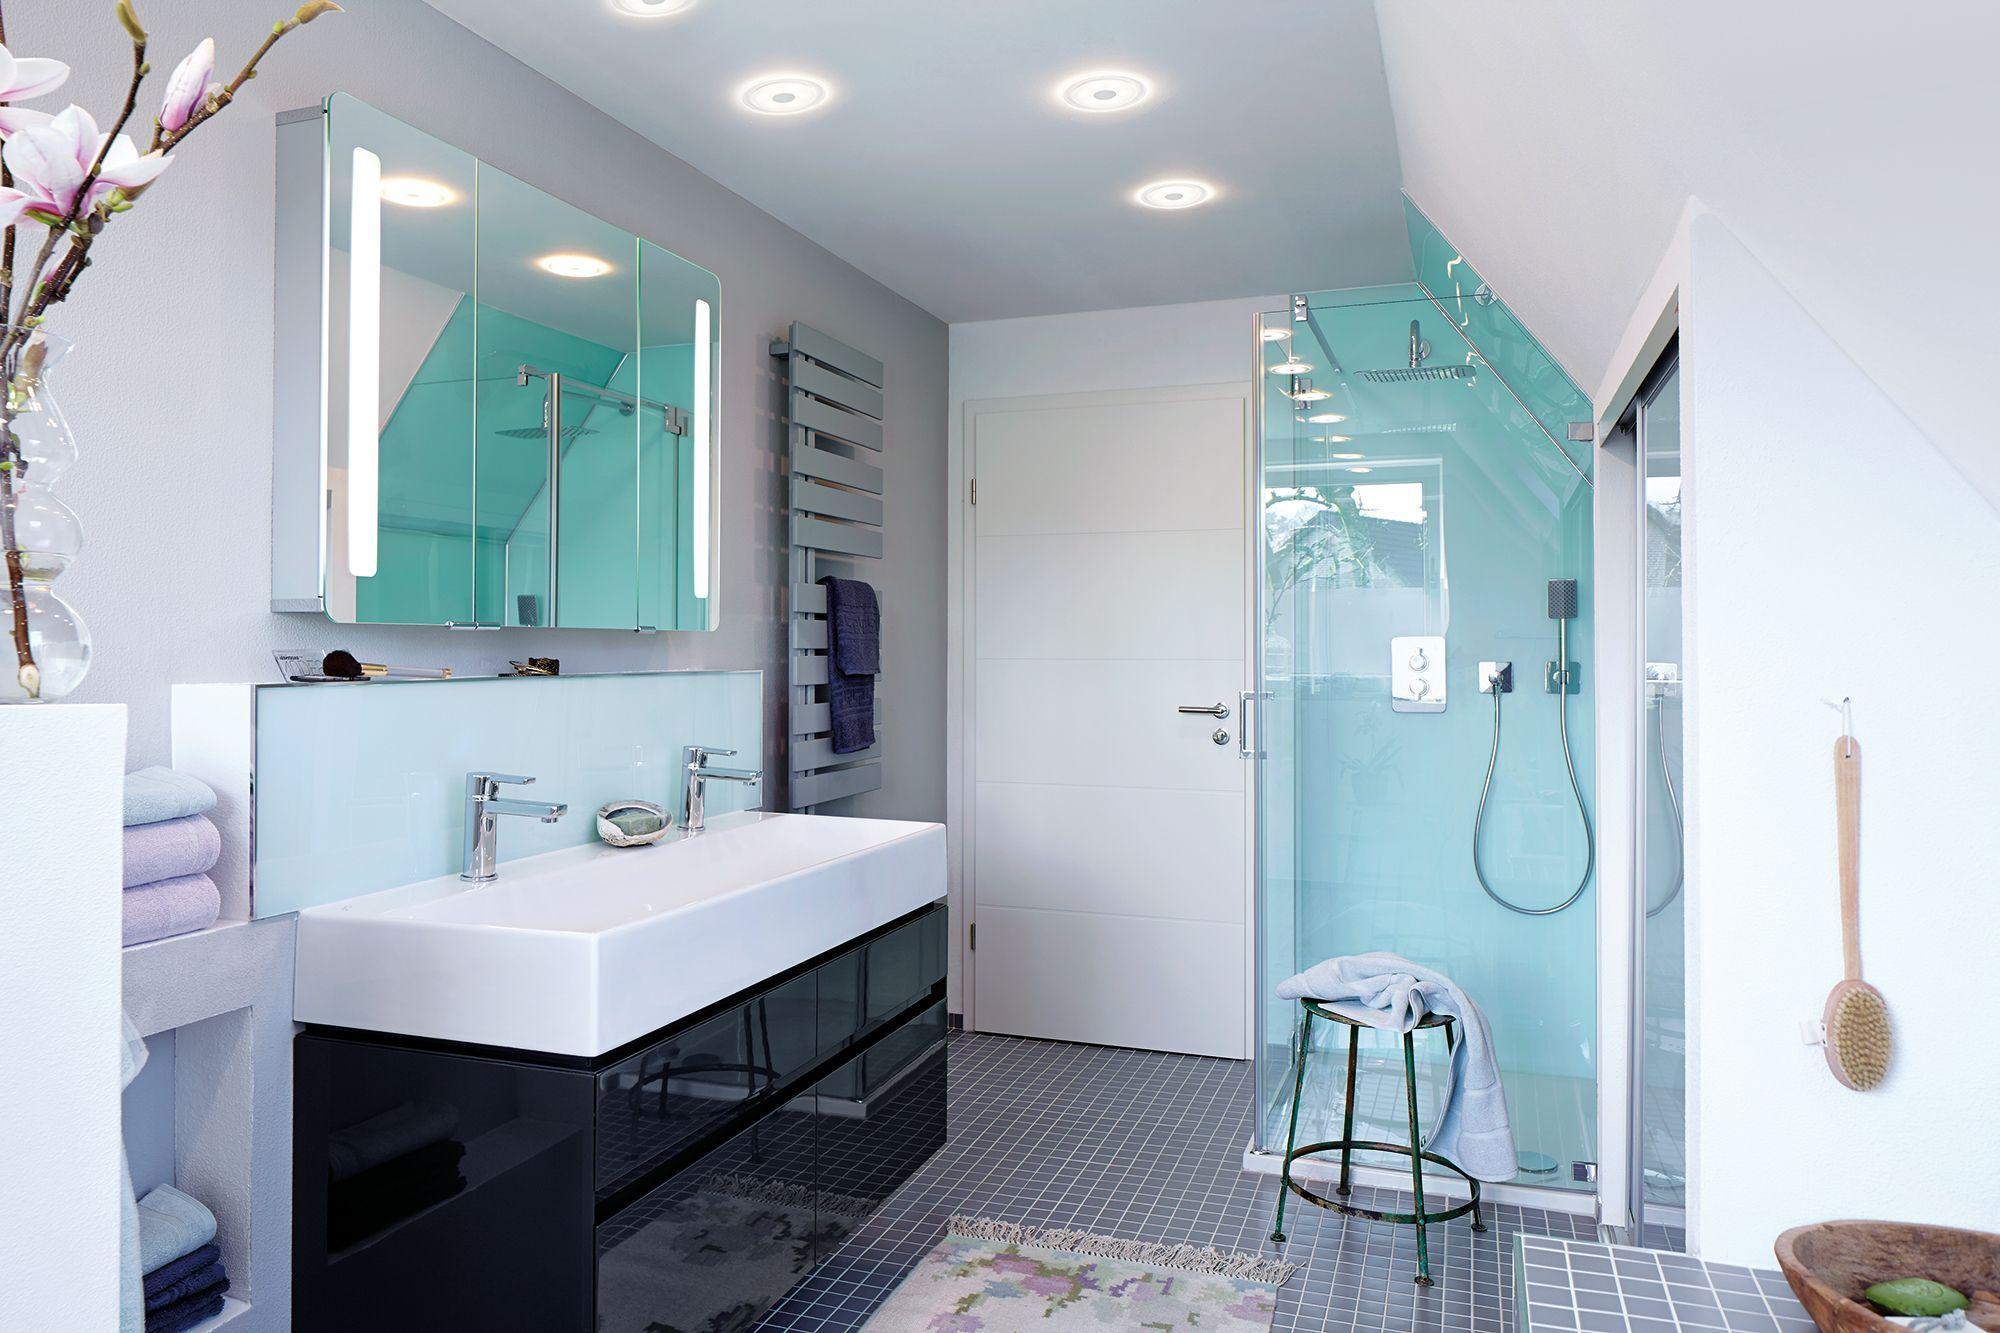 Pin Von Eve H Auf Lichtplanung Bad Decke Badezimmer Led Badezimmerlampen